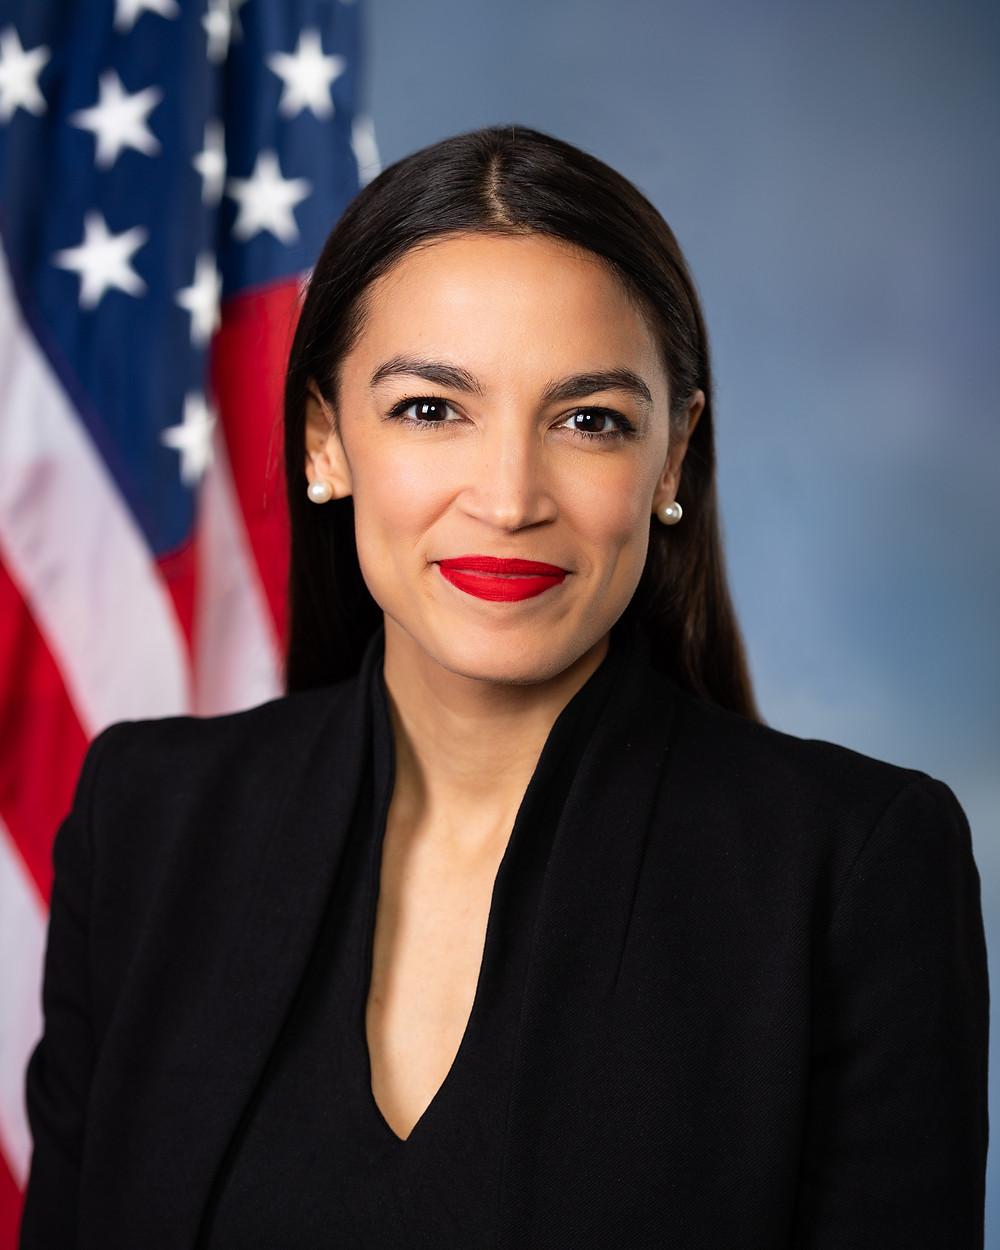 Rep. Alexandria Ocasio-Cortez official photo from U.S. House of Representatives